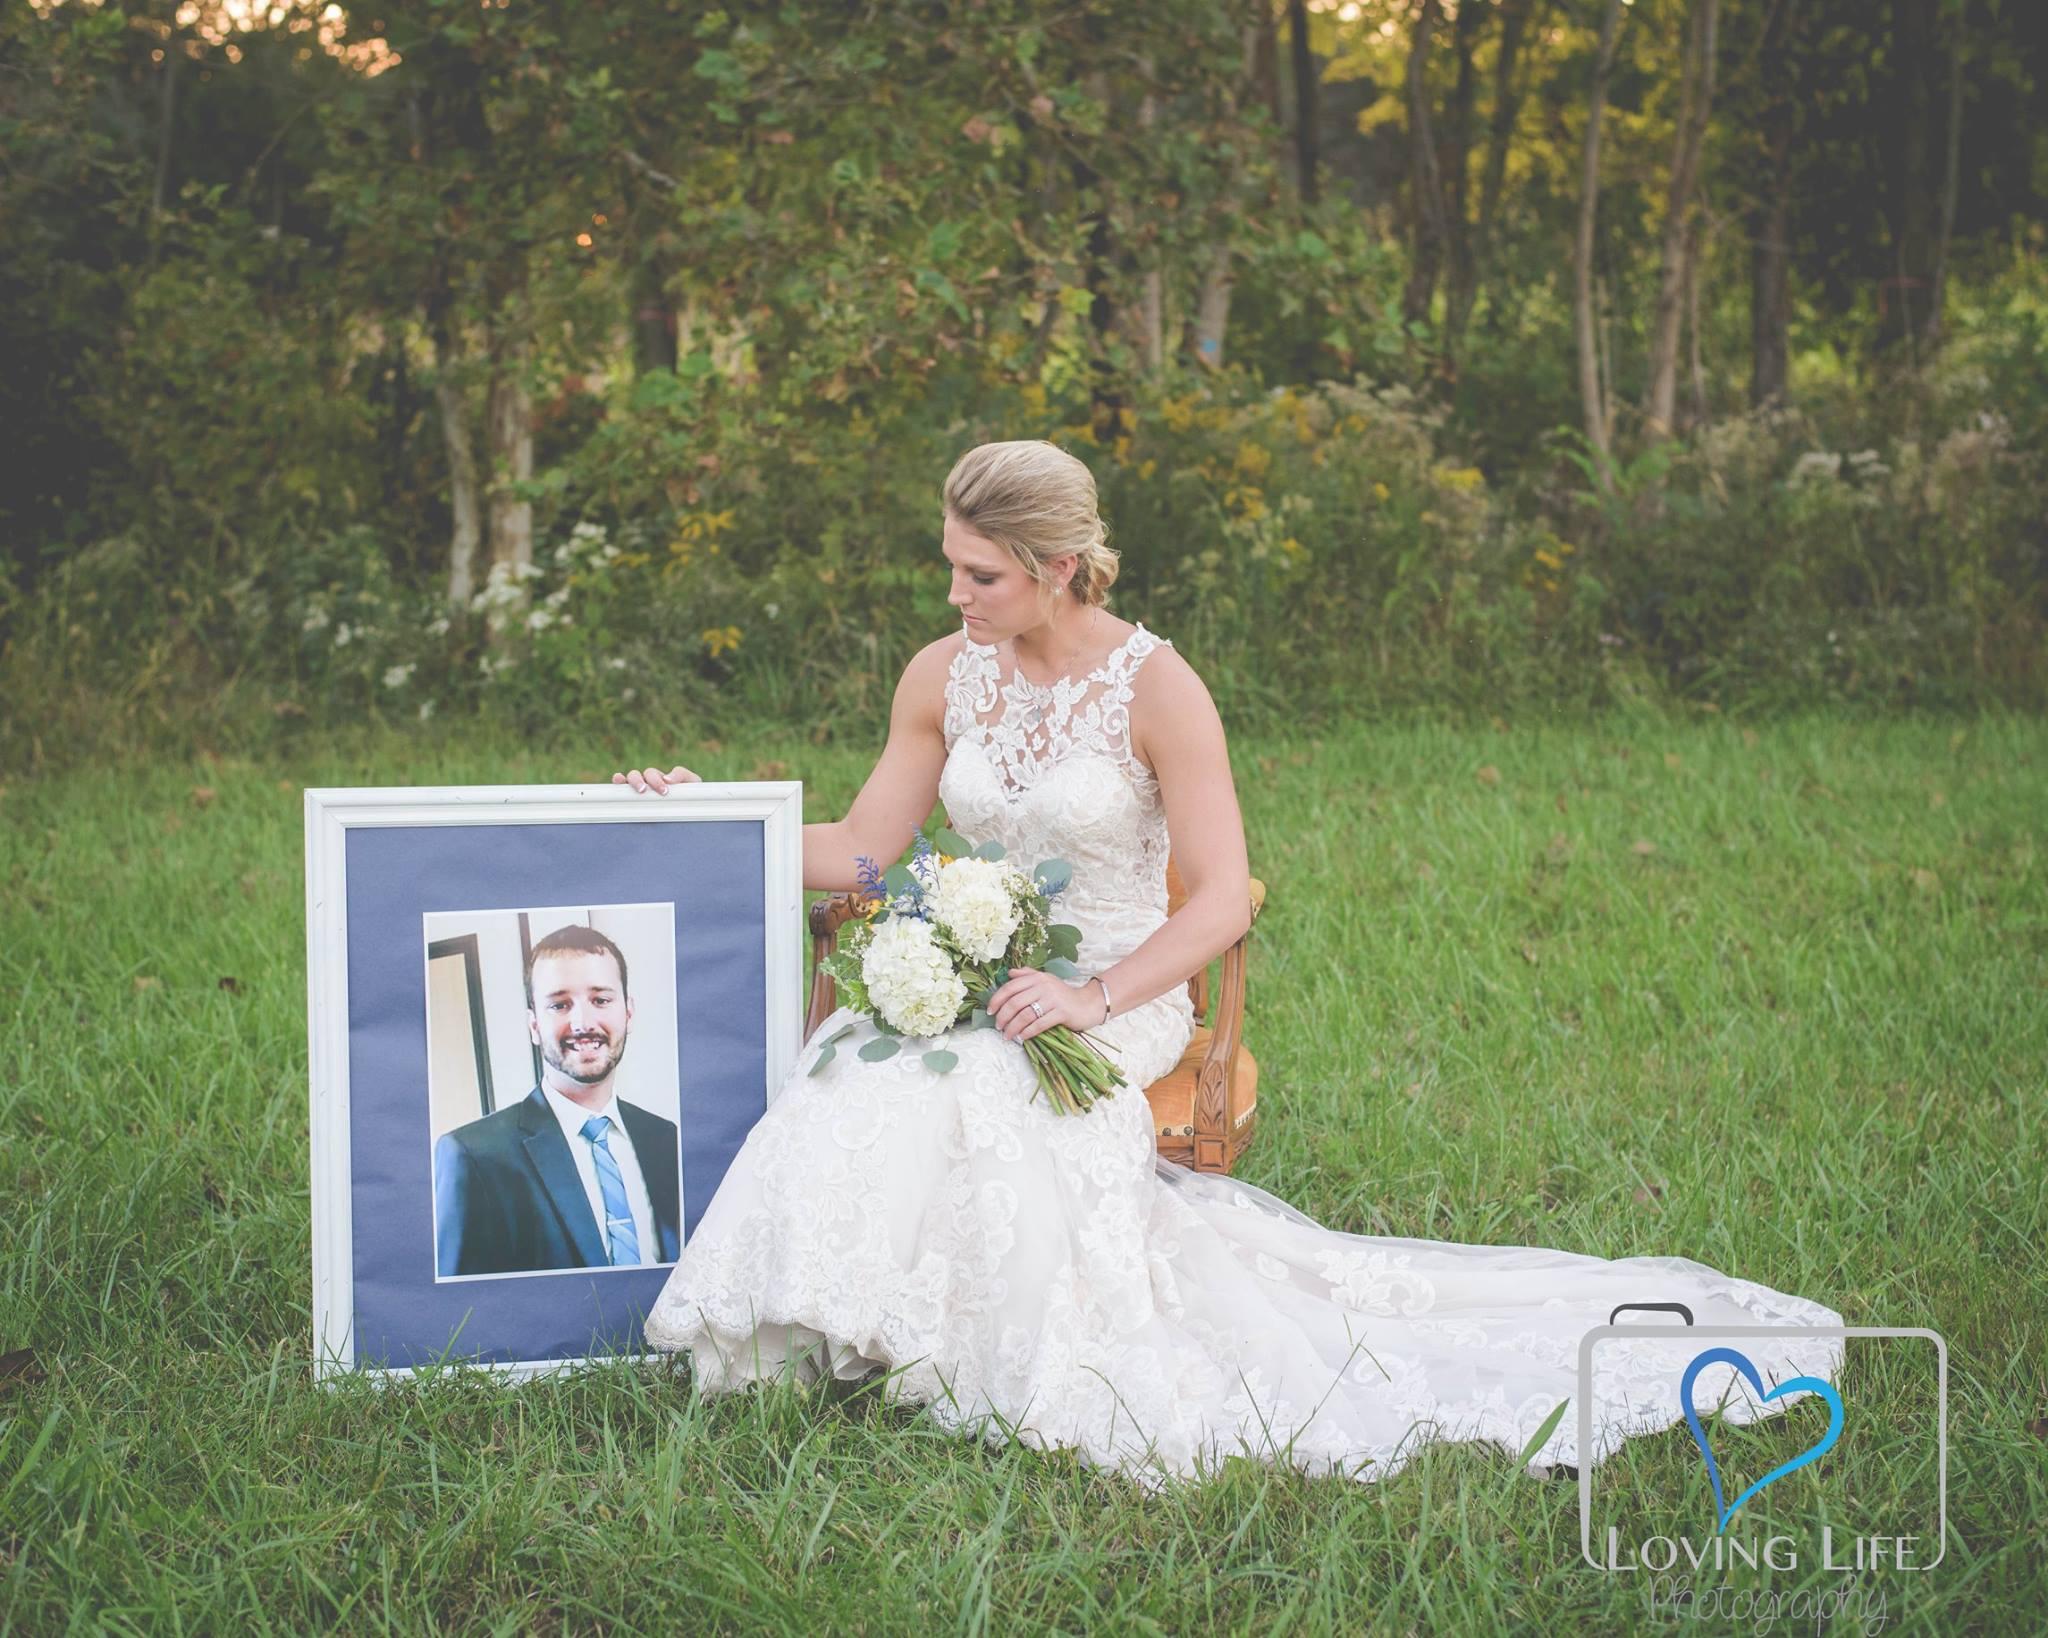 消防员婚礼前夕殉职 未婚妻在婚礼当天拍下这组照片